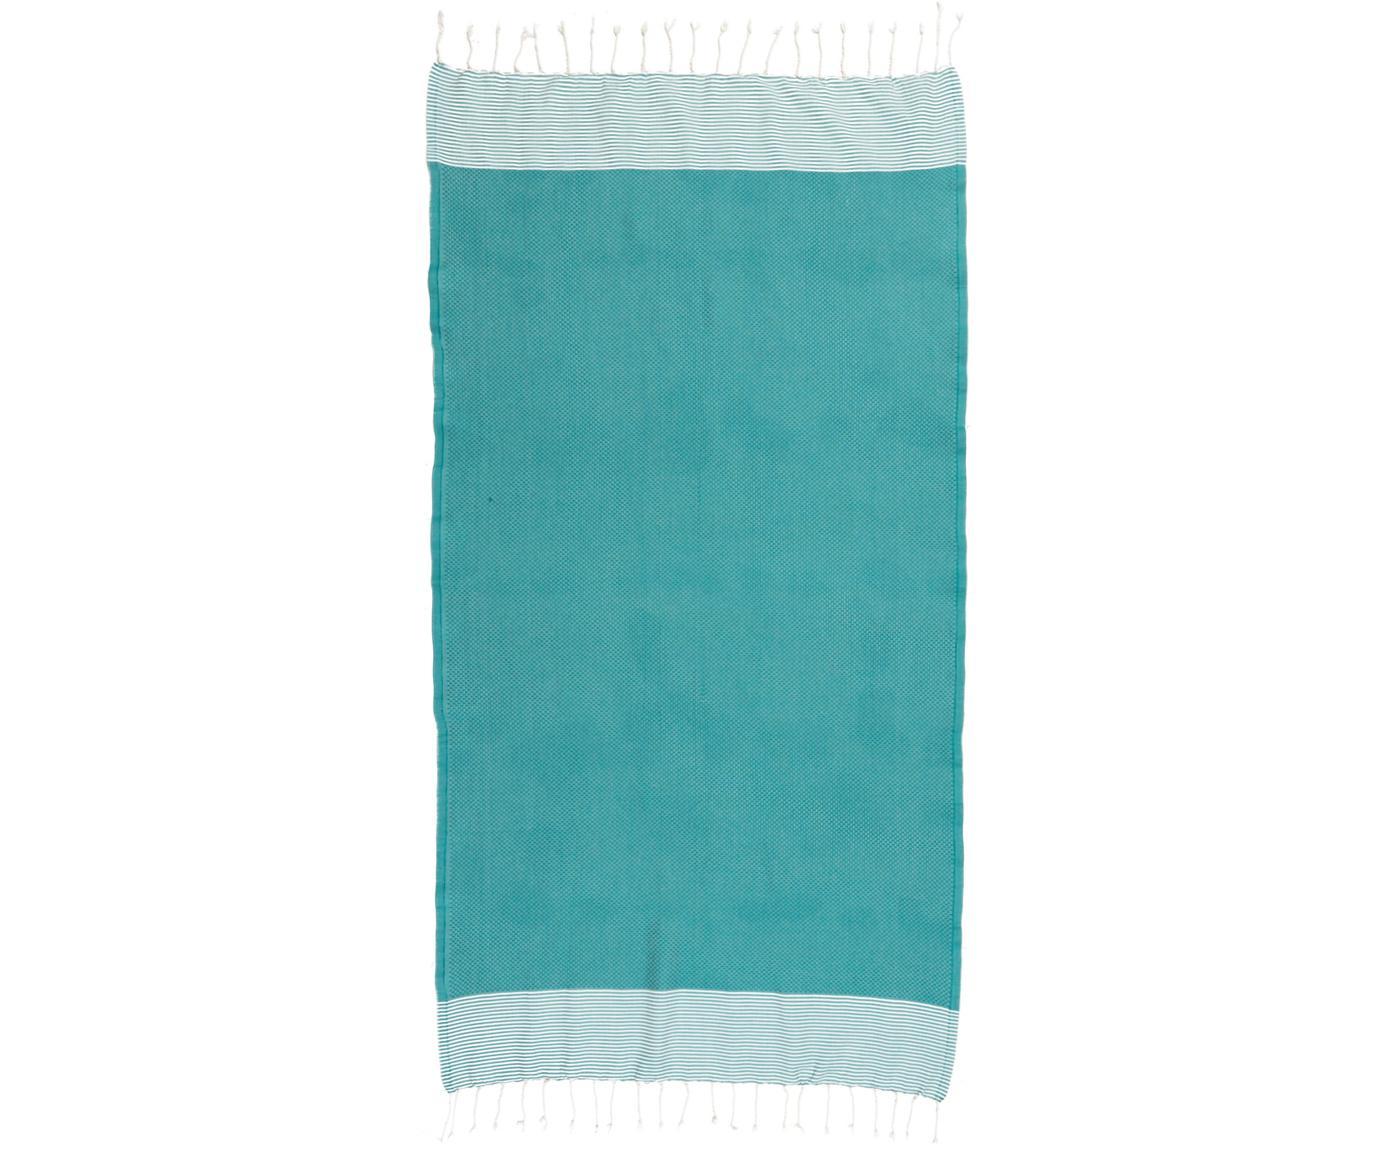 Hamamtuch Ibiza, 100% Baumwolle, sehr leichte Qualität, 200 g/m², Blaugrün, Weiß, 100 x 200 cm